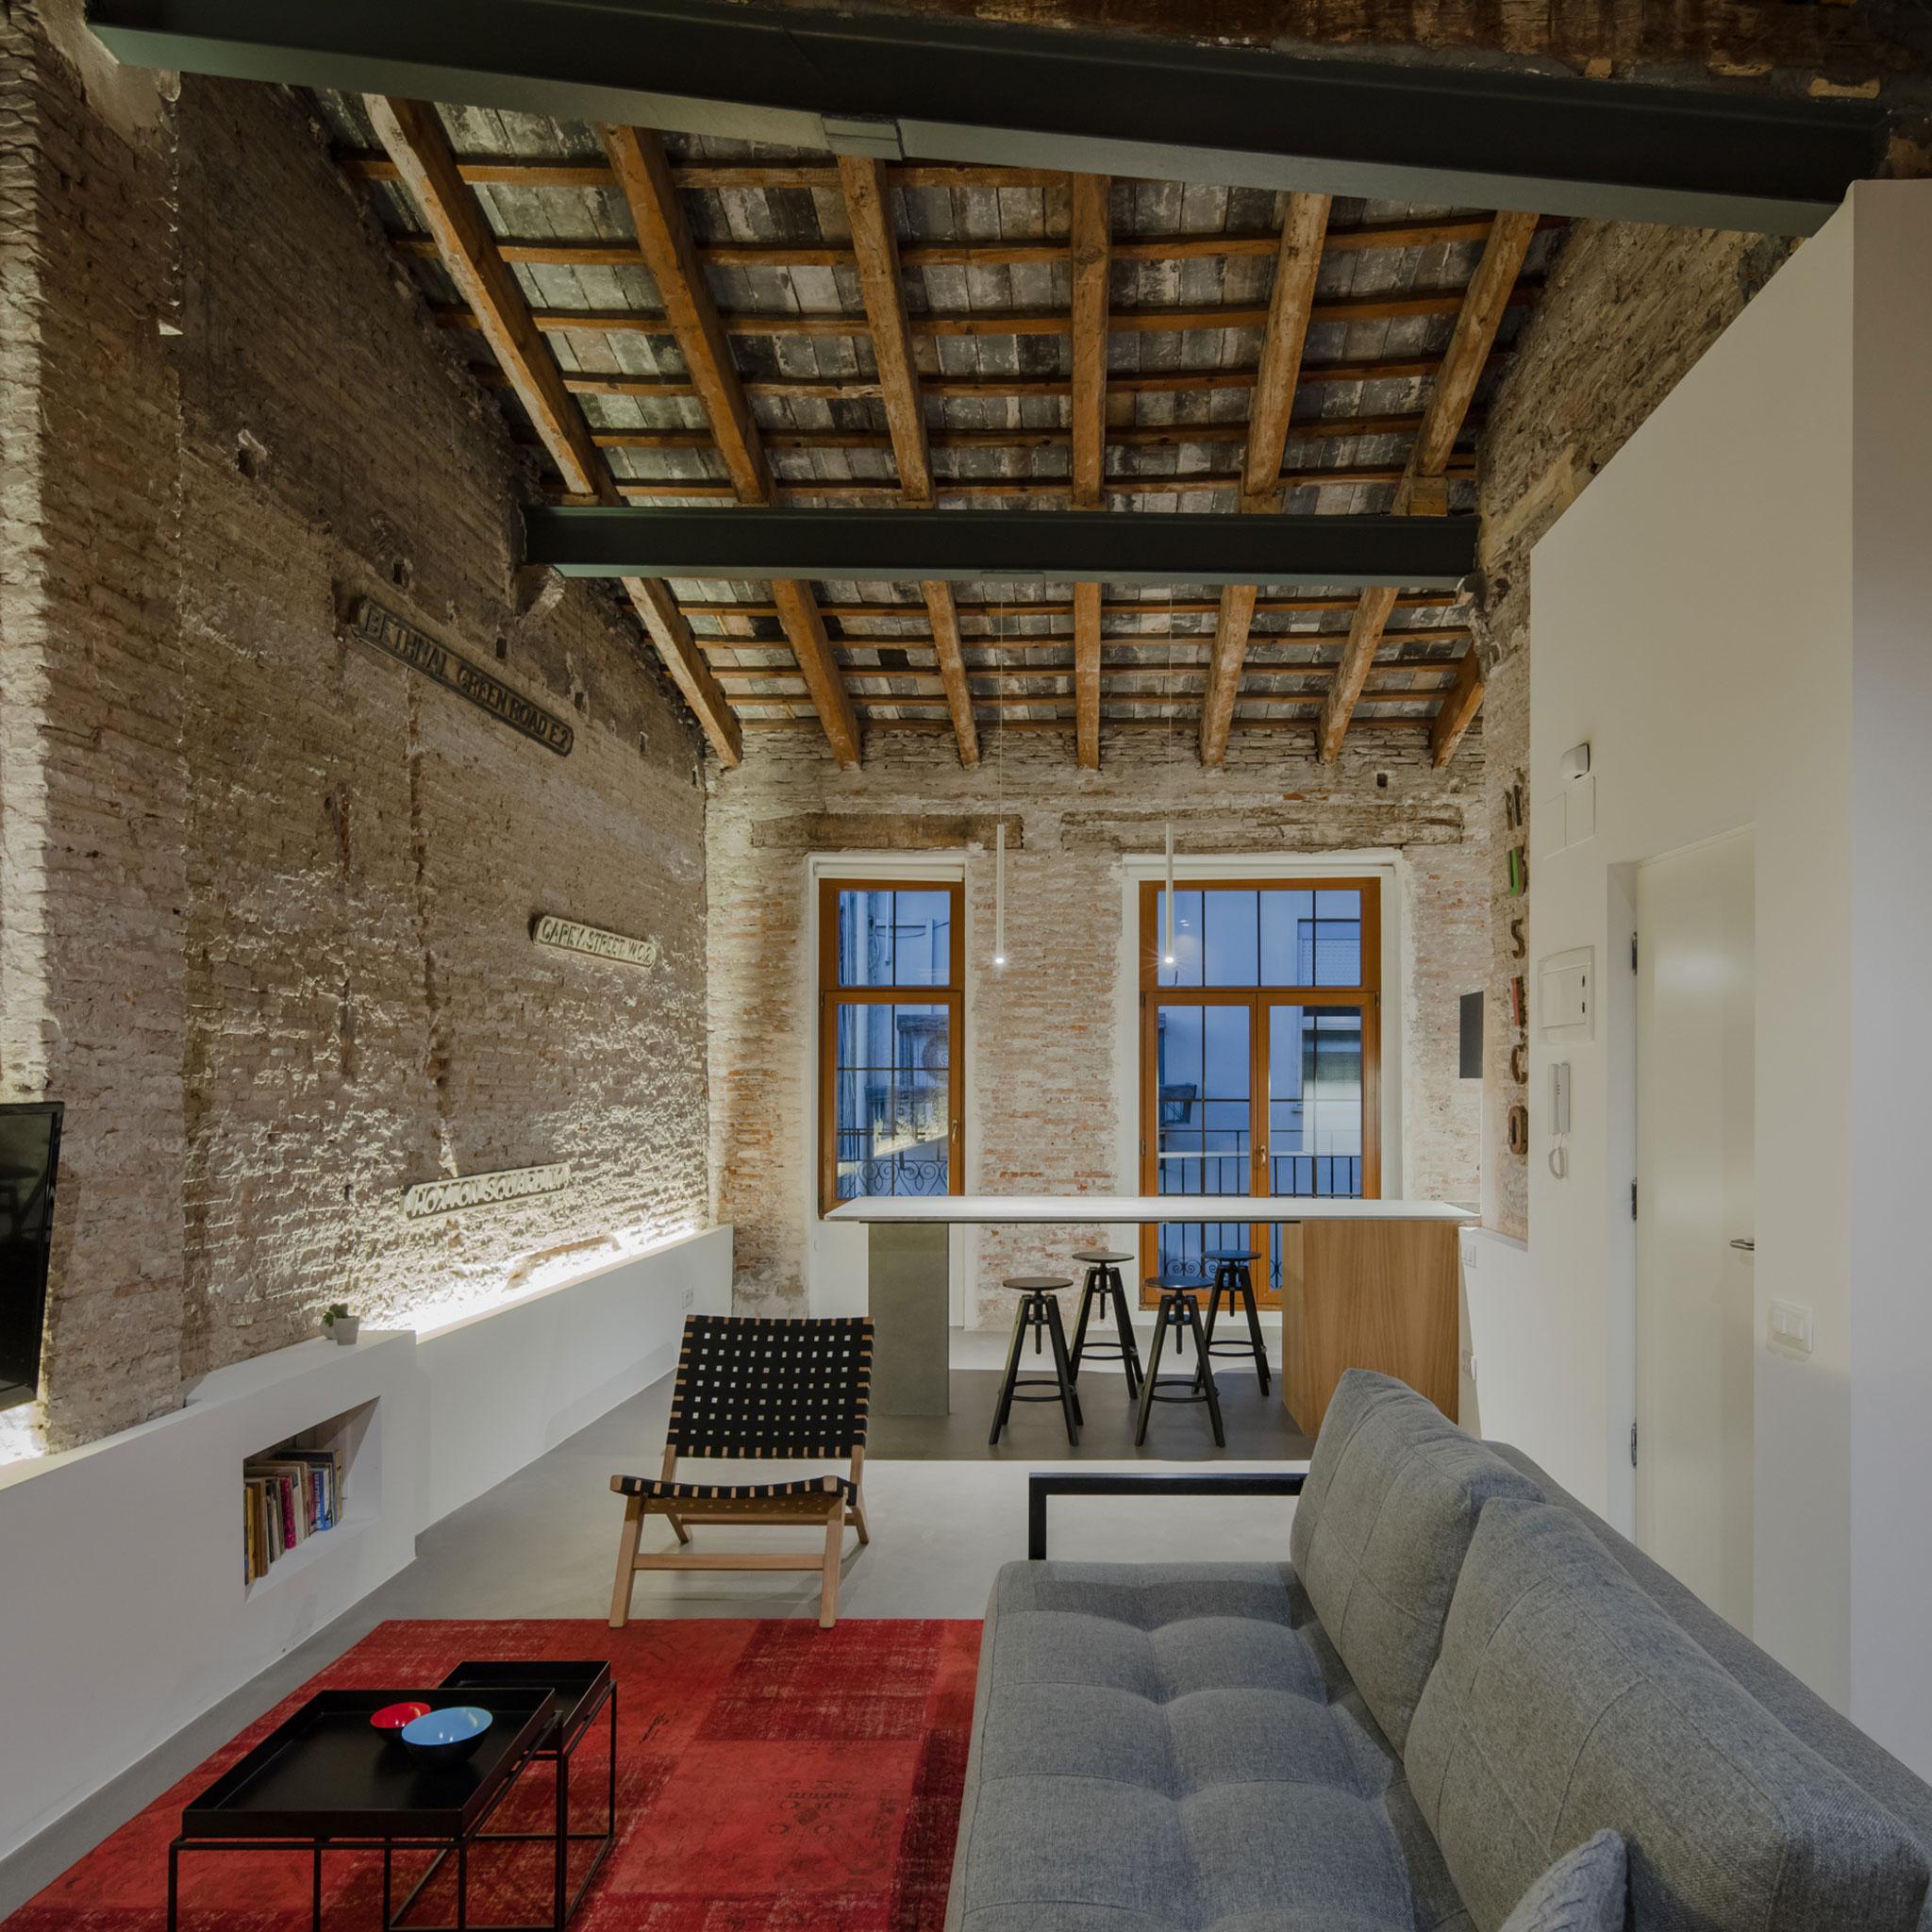 Apartment Musico Iturbi By Roberto Di Donato Architecture